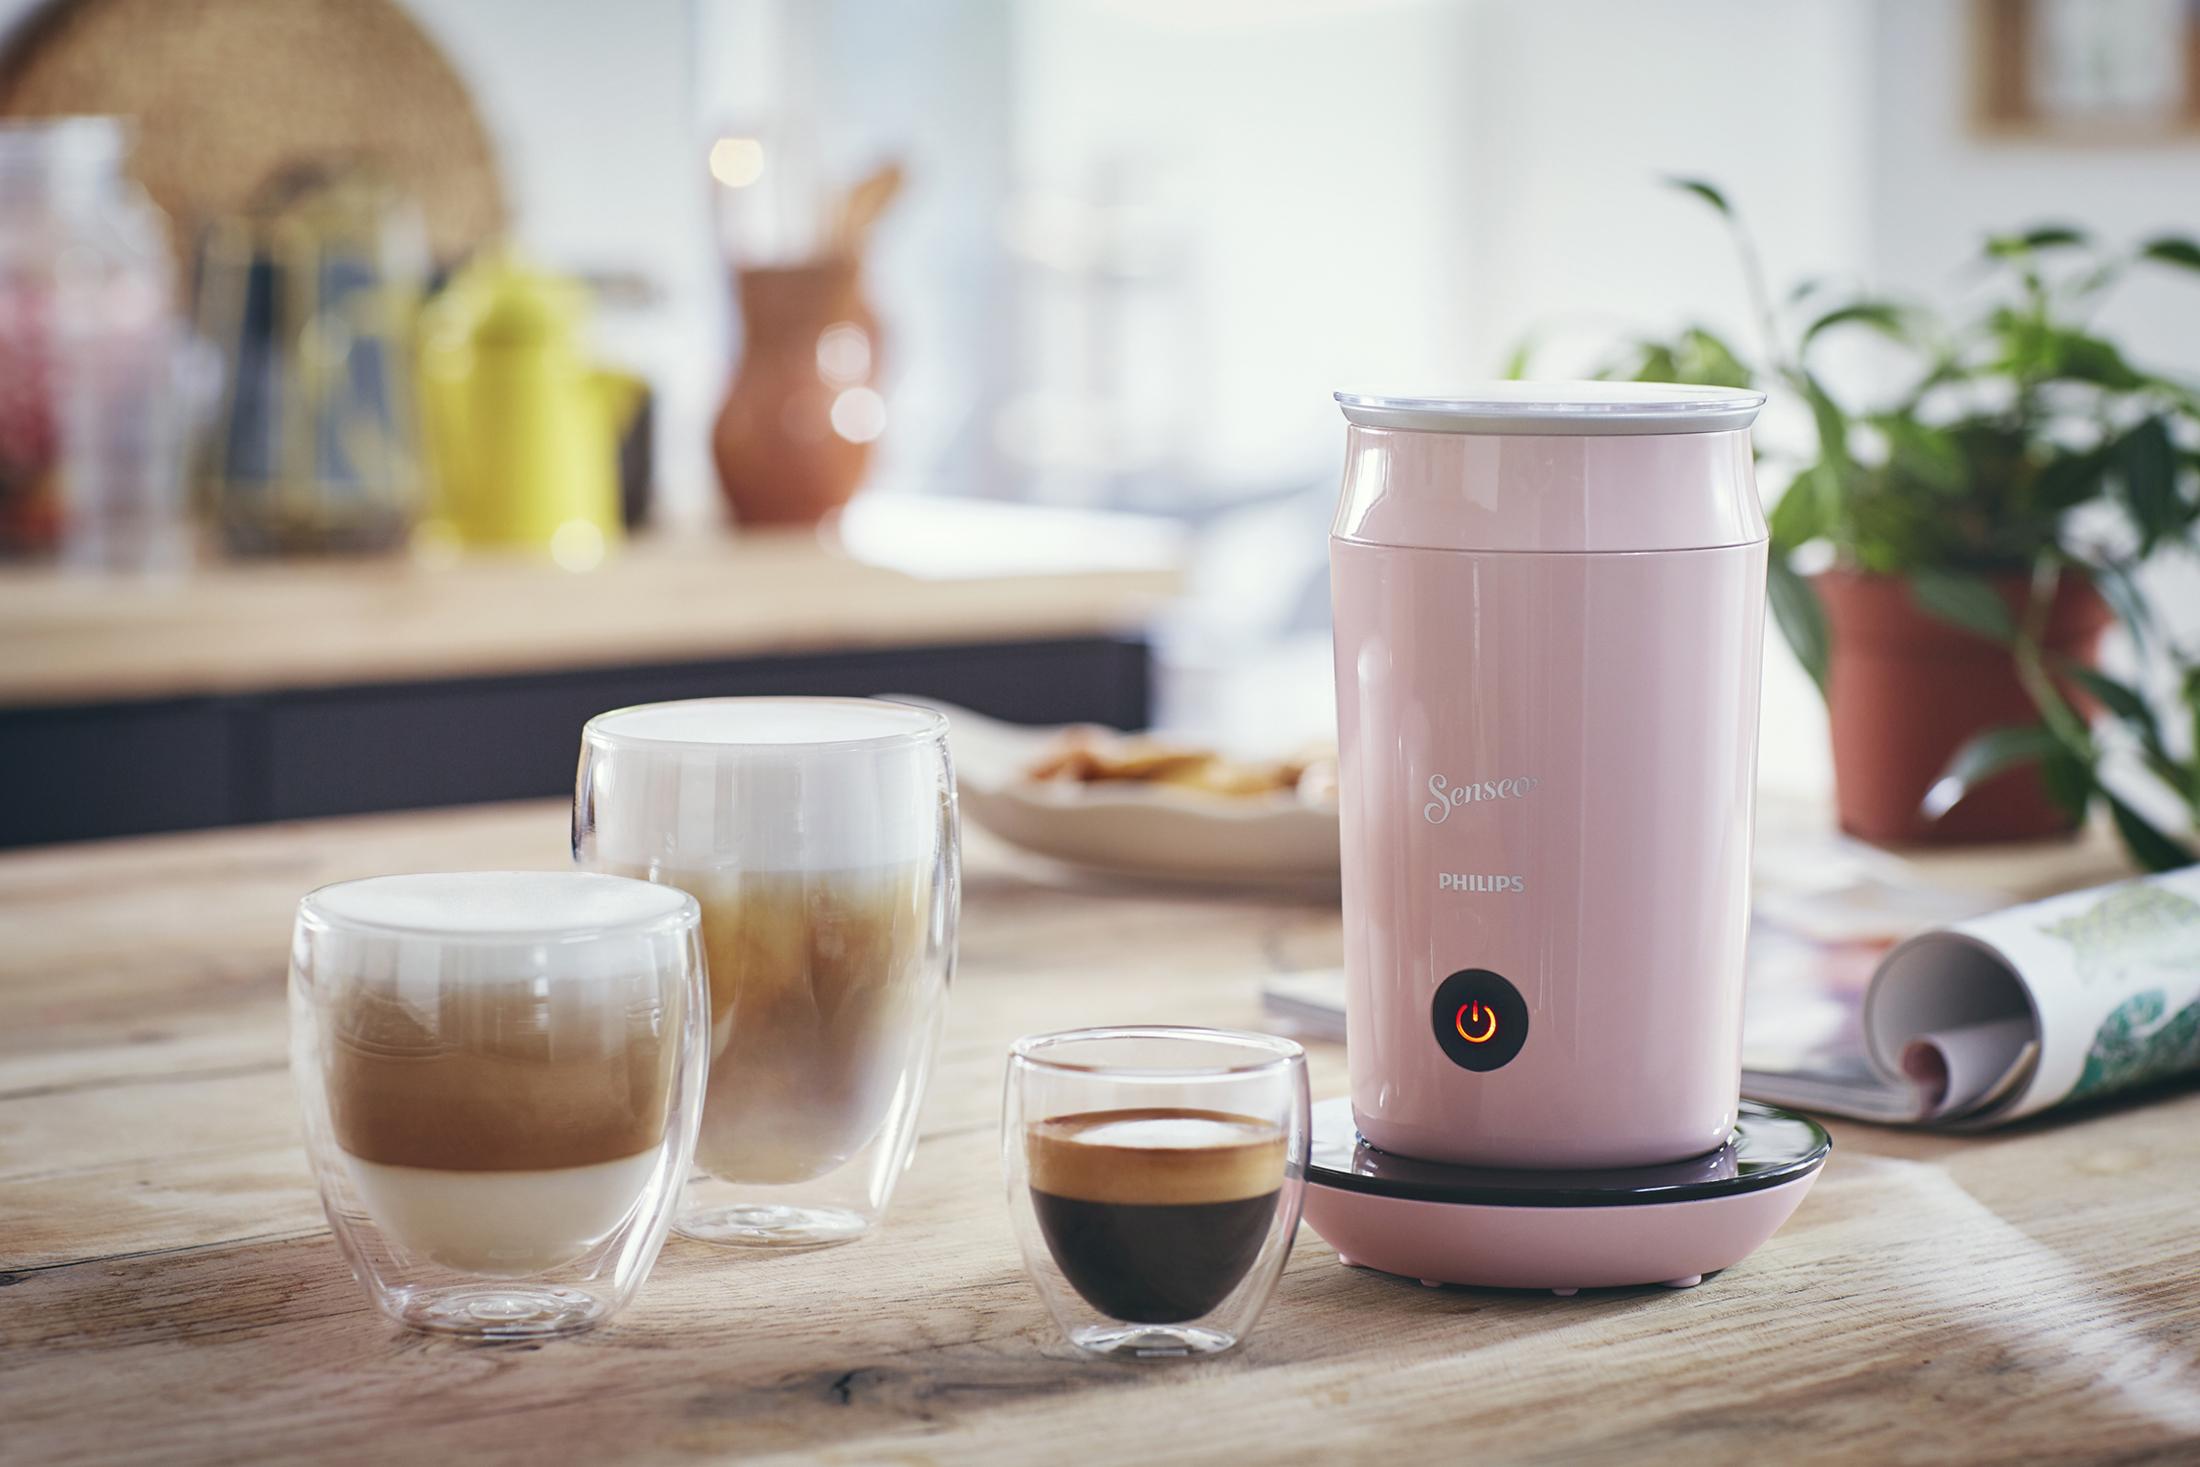 senseo milk twister kreiert cremigen milchschaum haus garten test. Black Bedroom Furniture Sets. Home Design Ideas